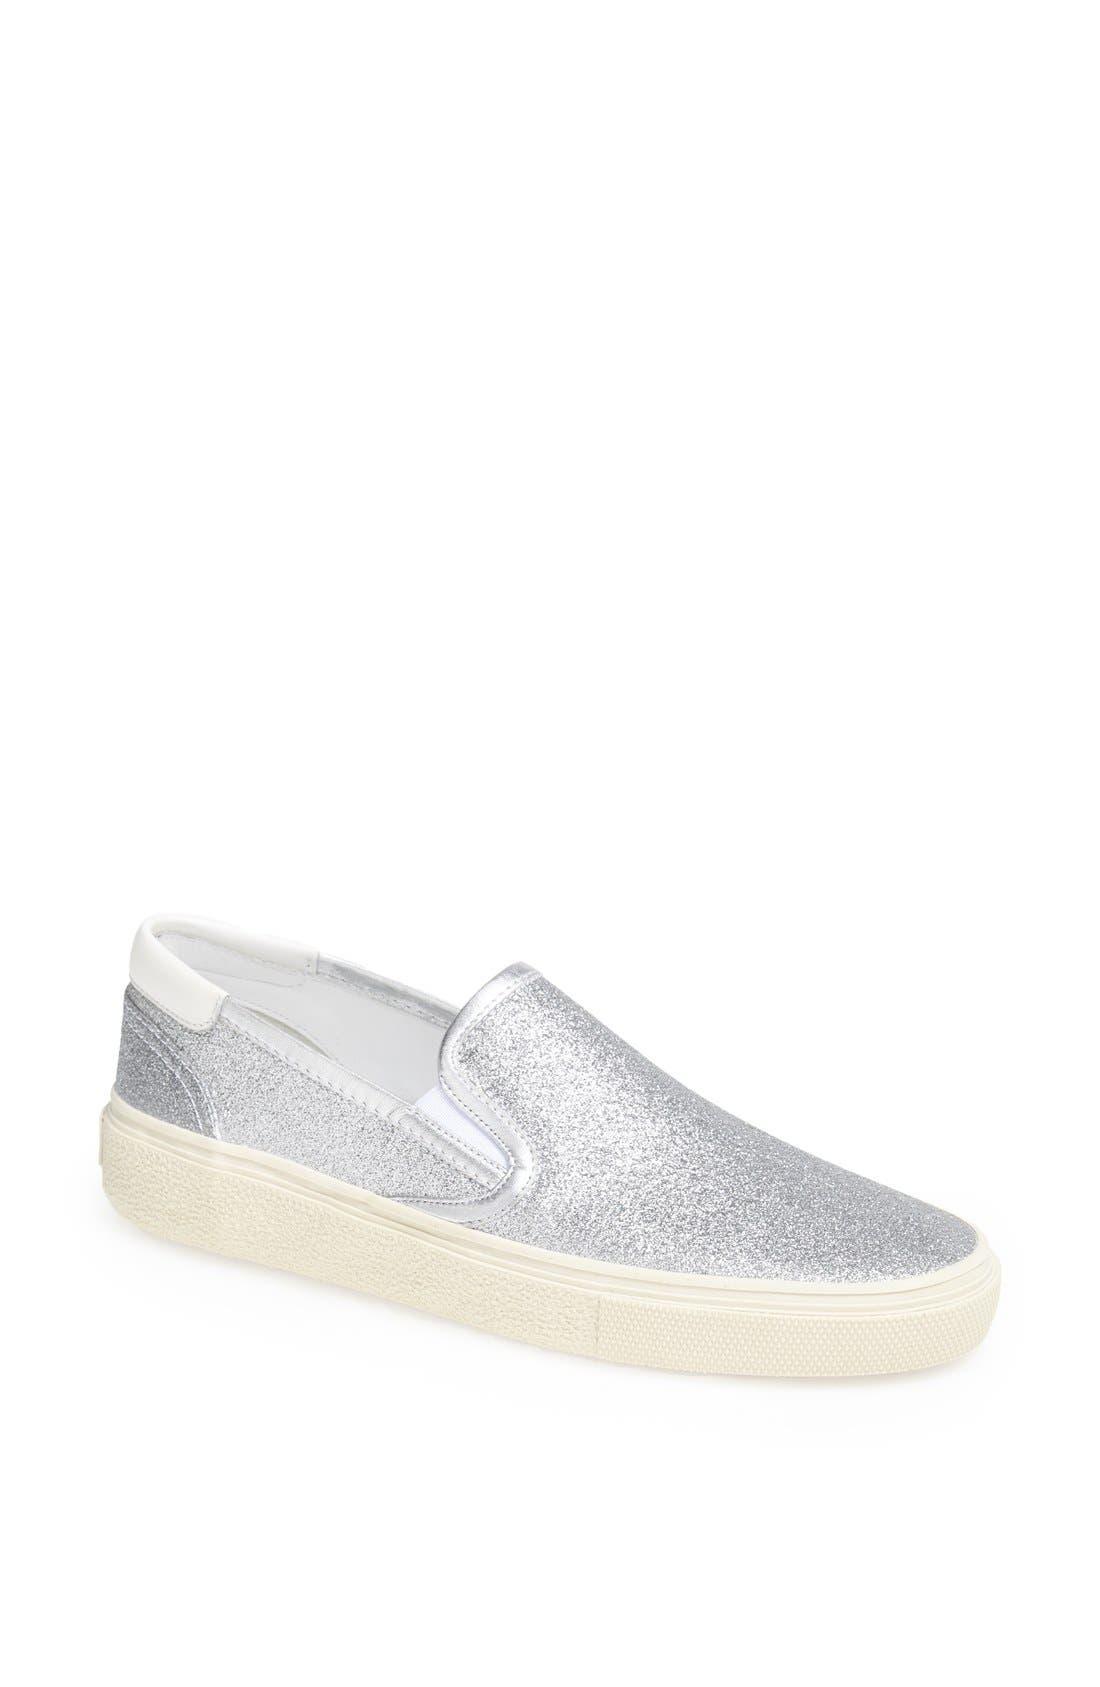 Alternate Image 1 Selected - Saint Laurent 'Skate 20' Glitter Slip-On Sneaker (Women)